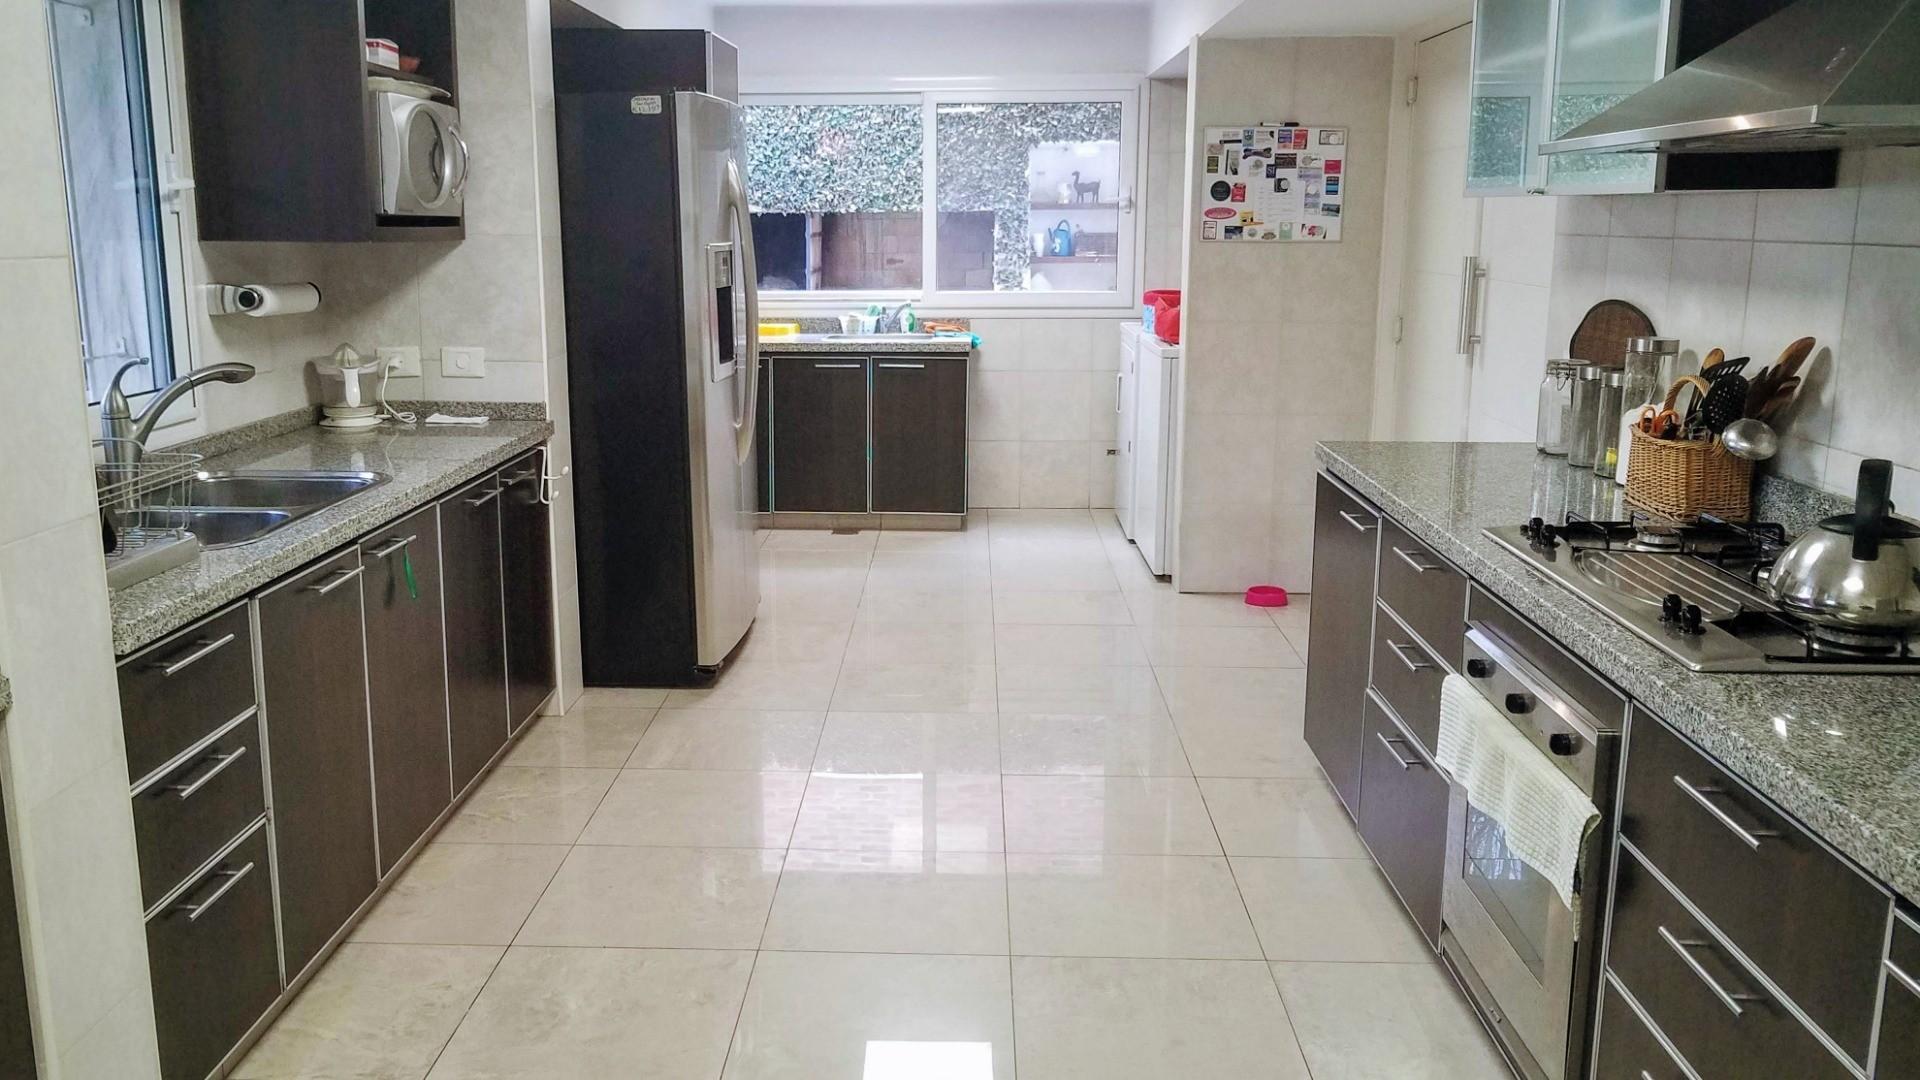 Casa - 264 m² | 3 dormitorios | 12 años